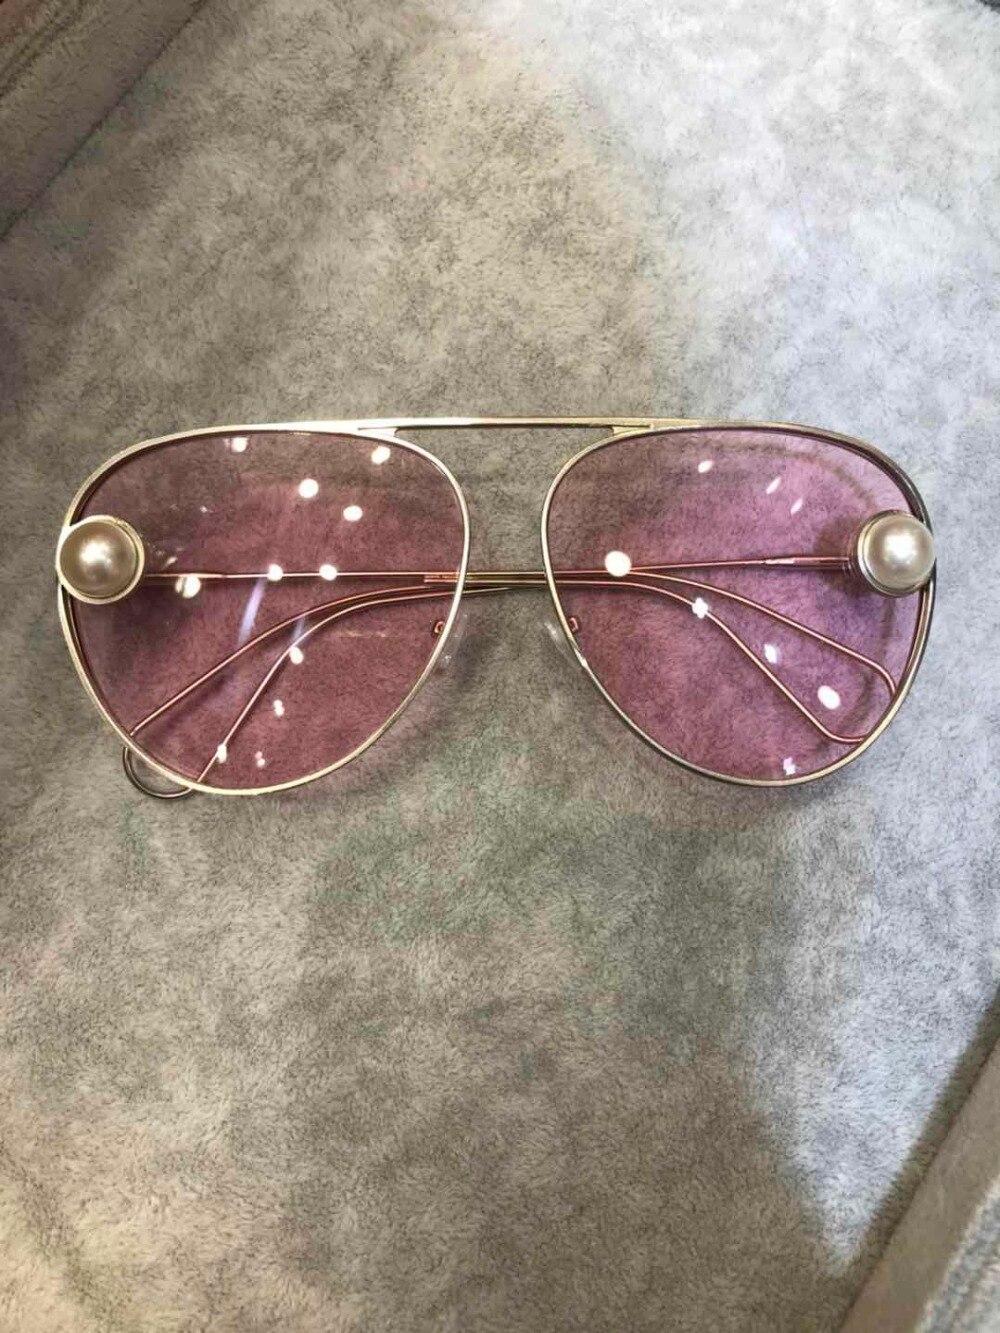 rosa Grau Gläser Y0723 Für Marke Runway 2018 Sonnenbrille Designer Luxus Frauen Carter RpwPxf4